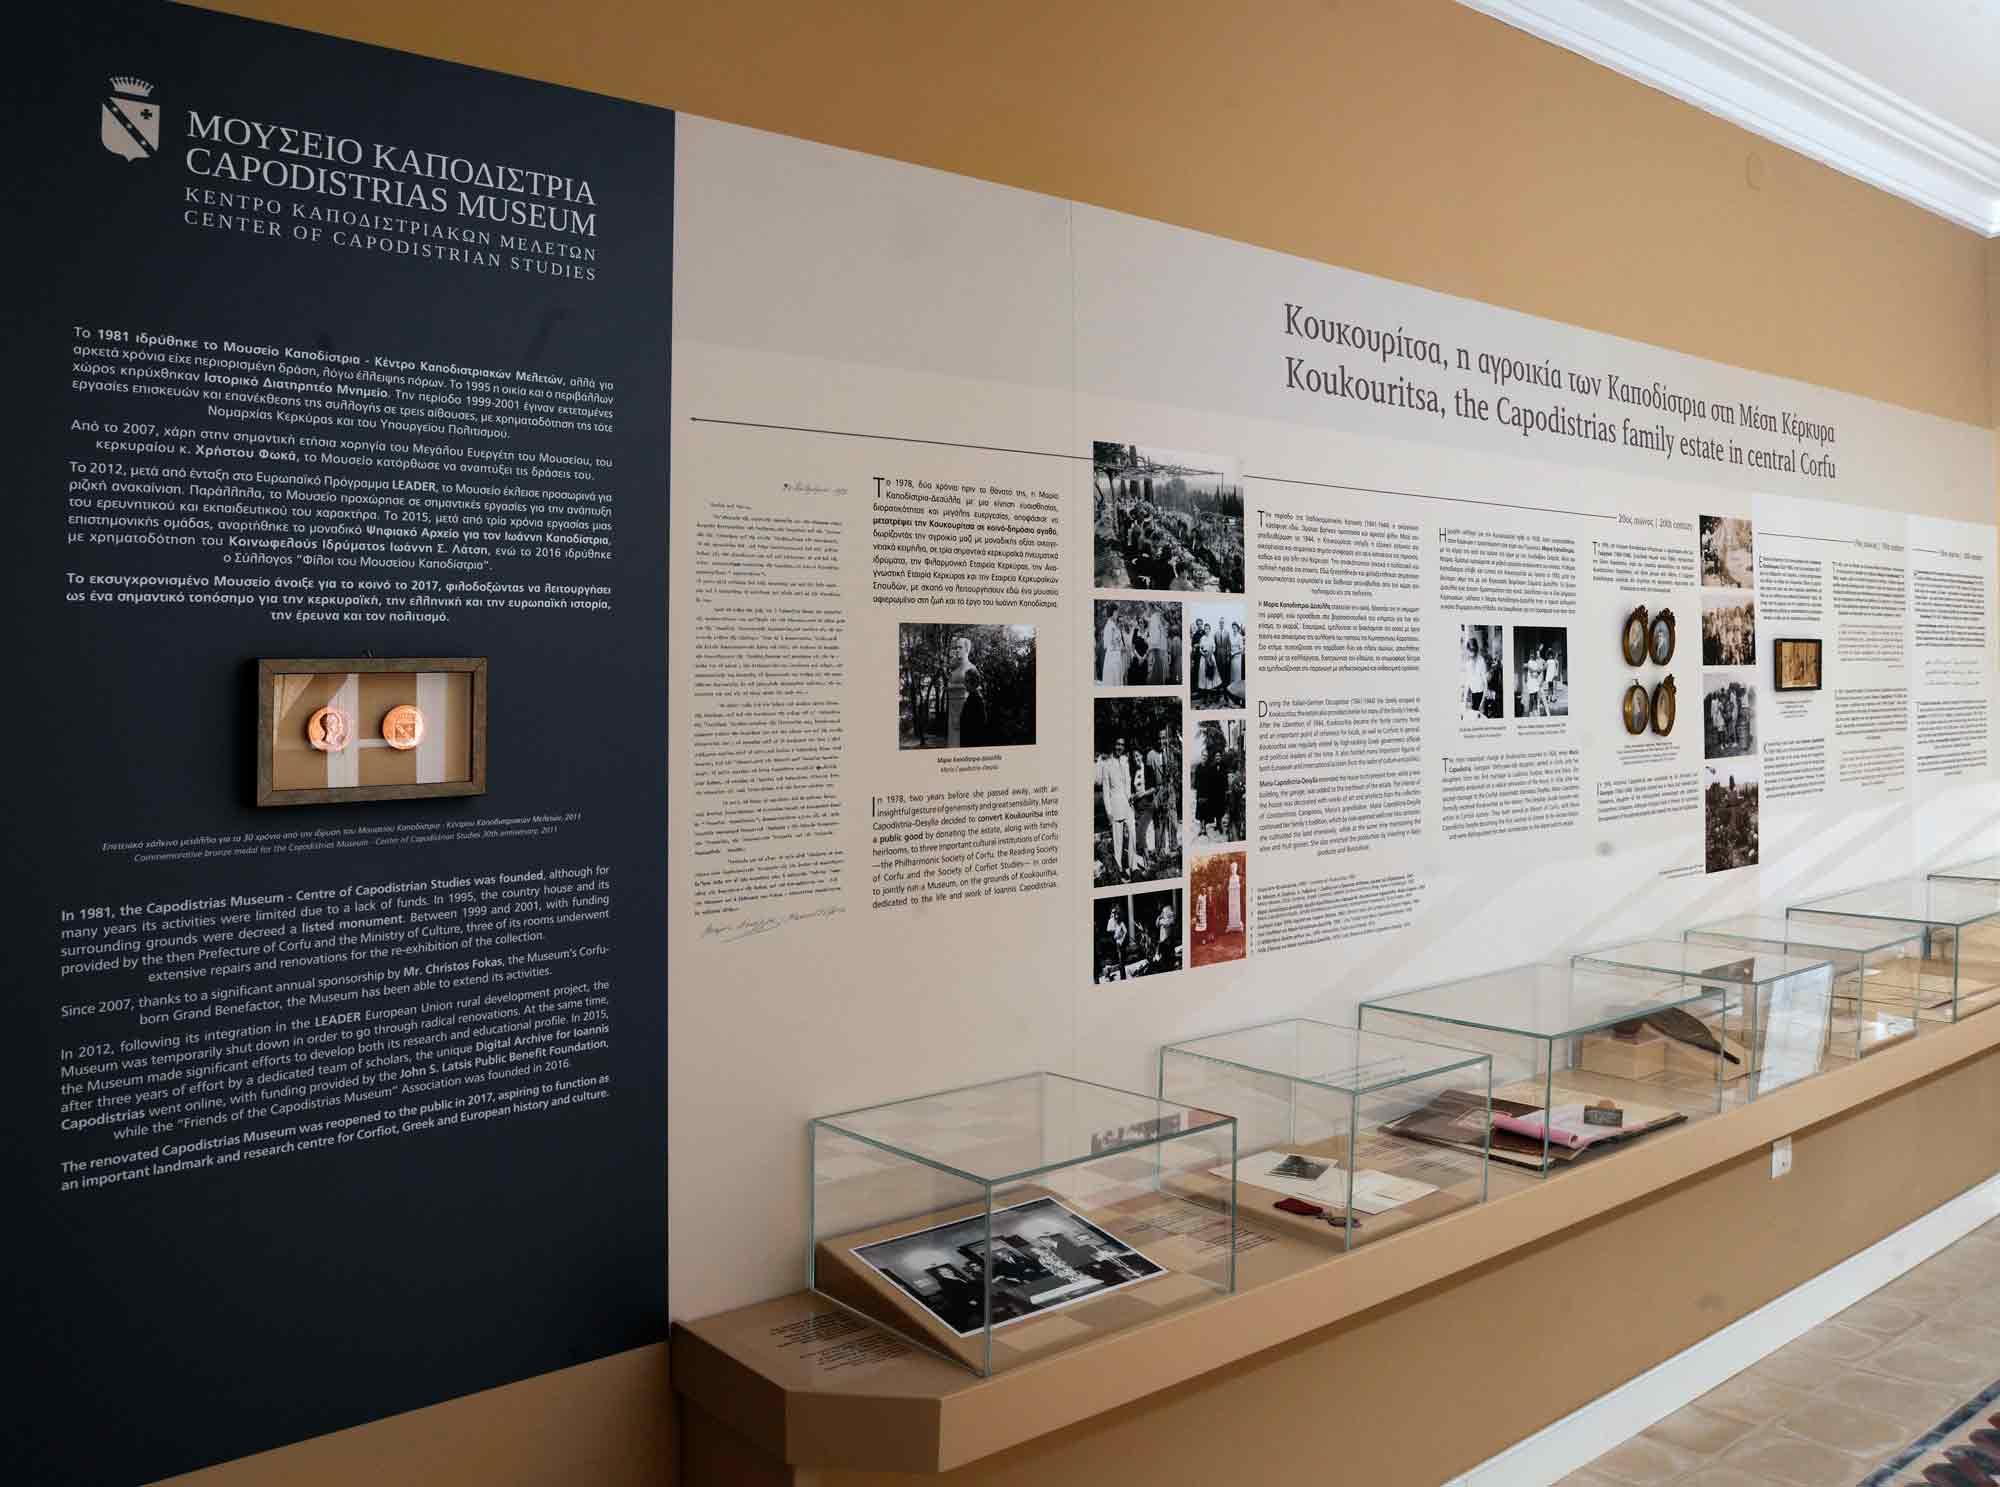 Αίθουσα από την μόνιμη έκθεση του Μουσείου Καποδίστρια - © Θάλεια Κυμπάρη